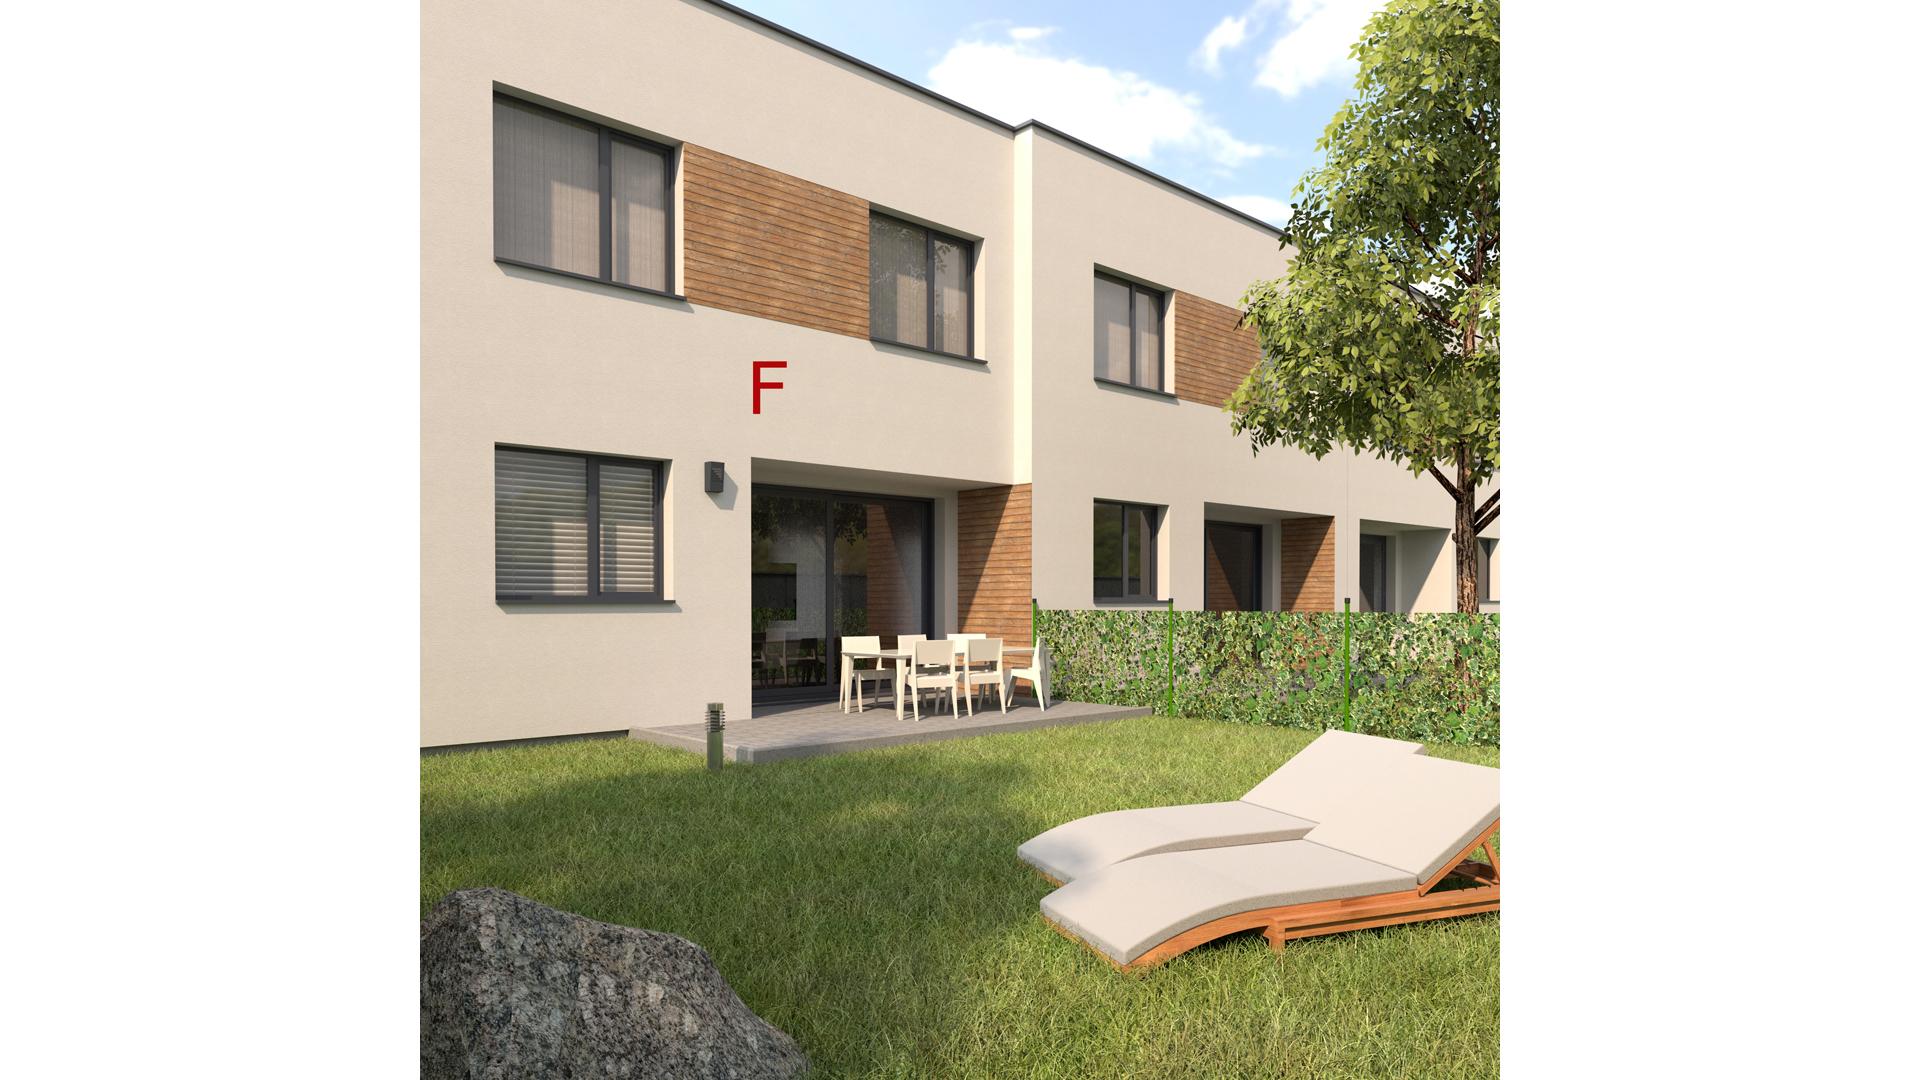 5 izbový rodinný dom, holodom, novostavba v Bernolákove – PREDANÉ